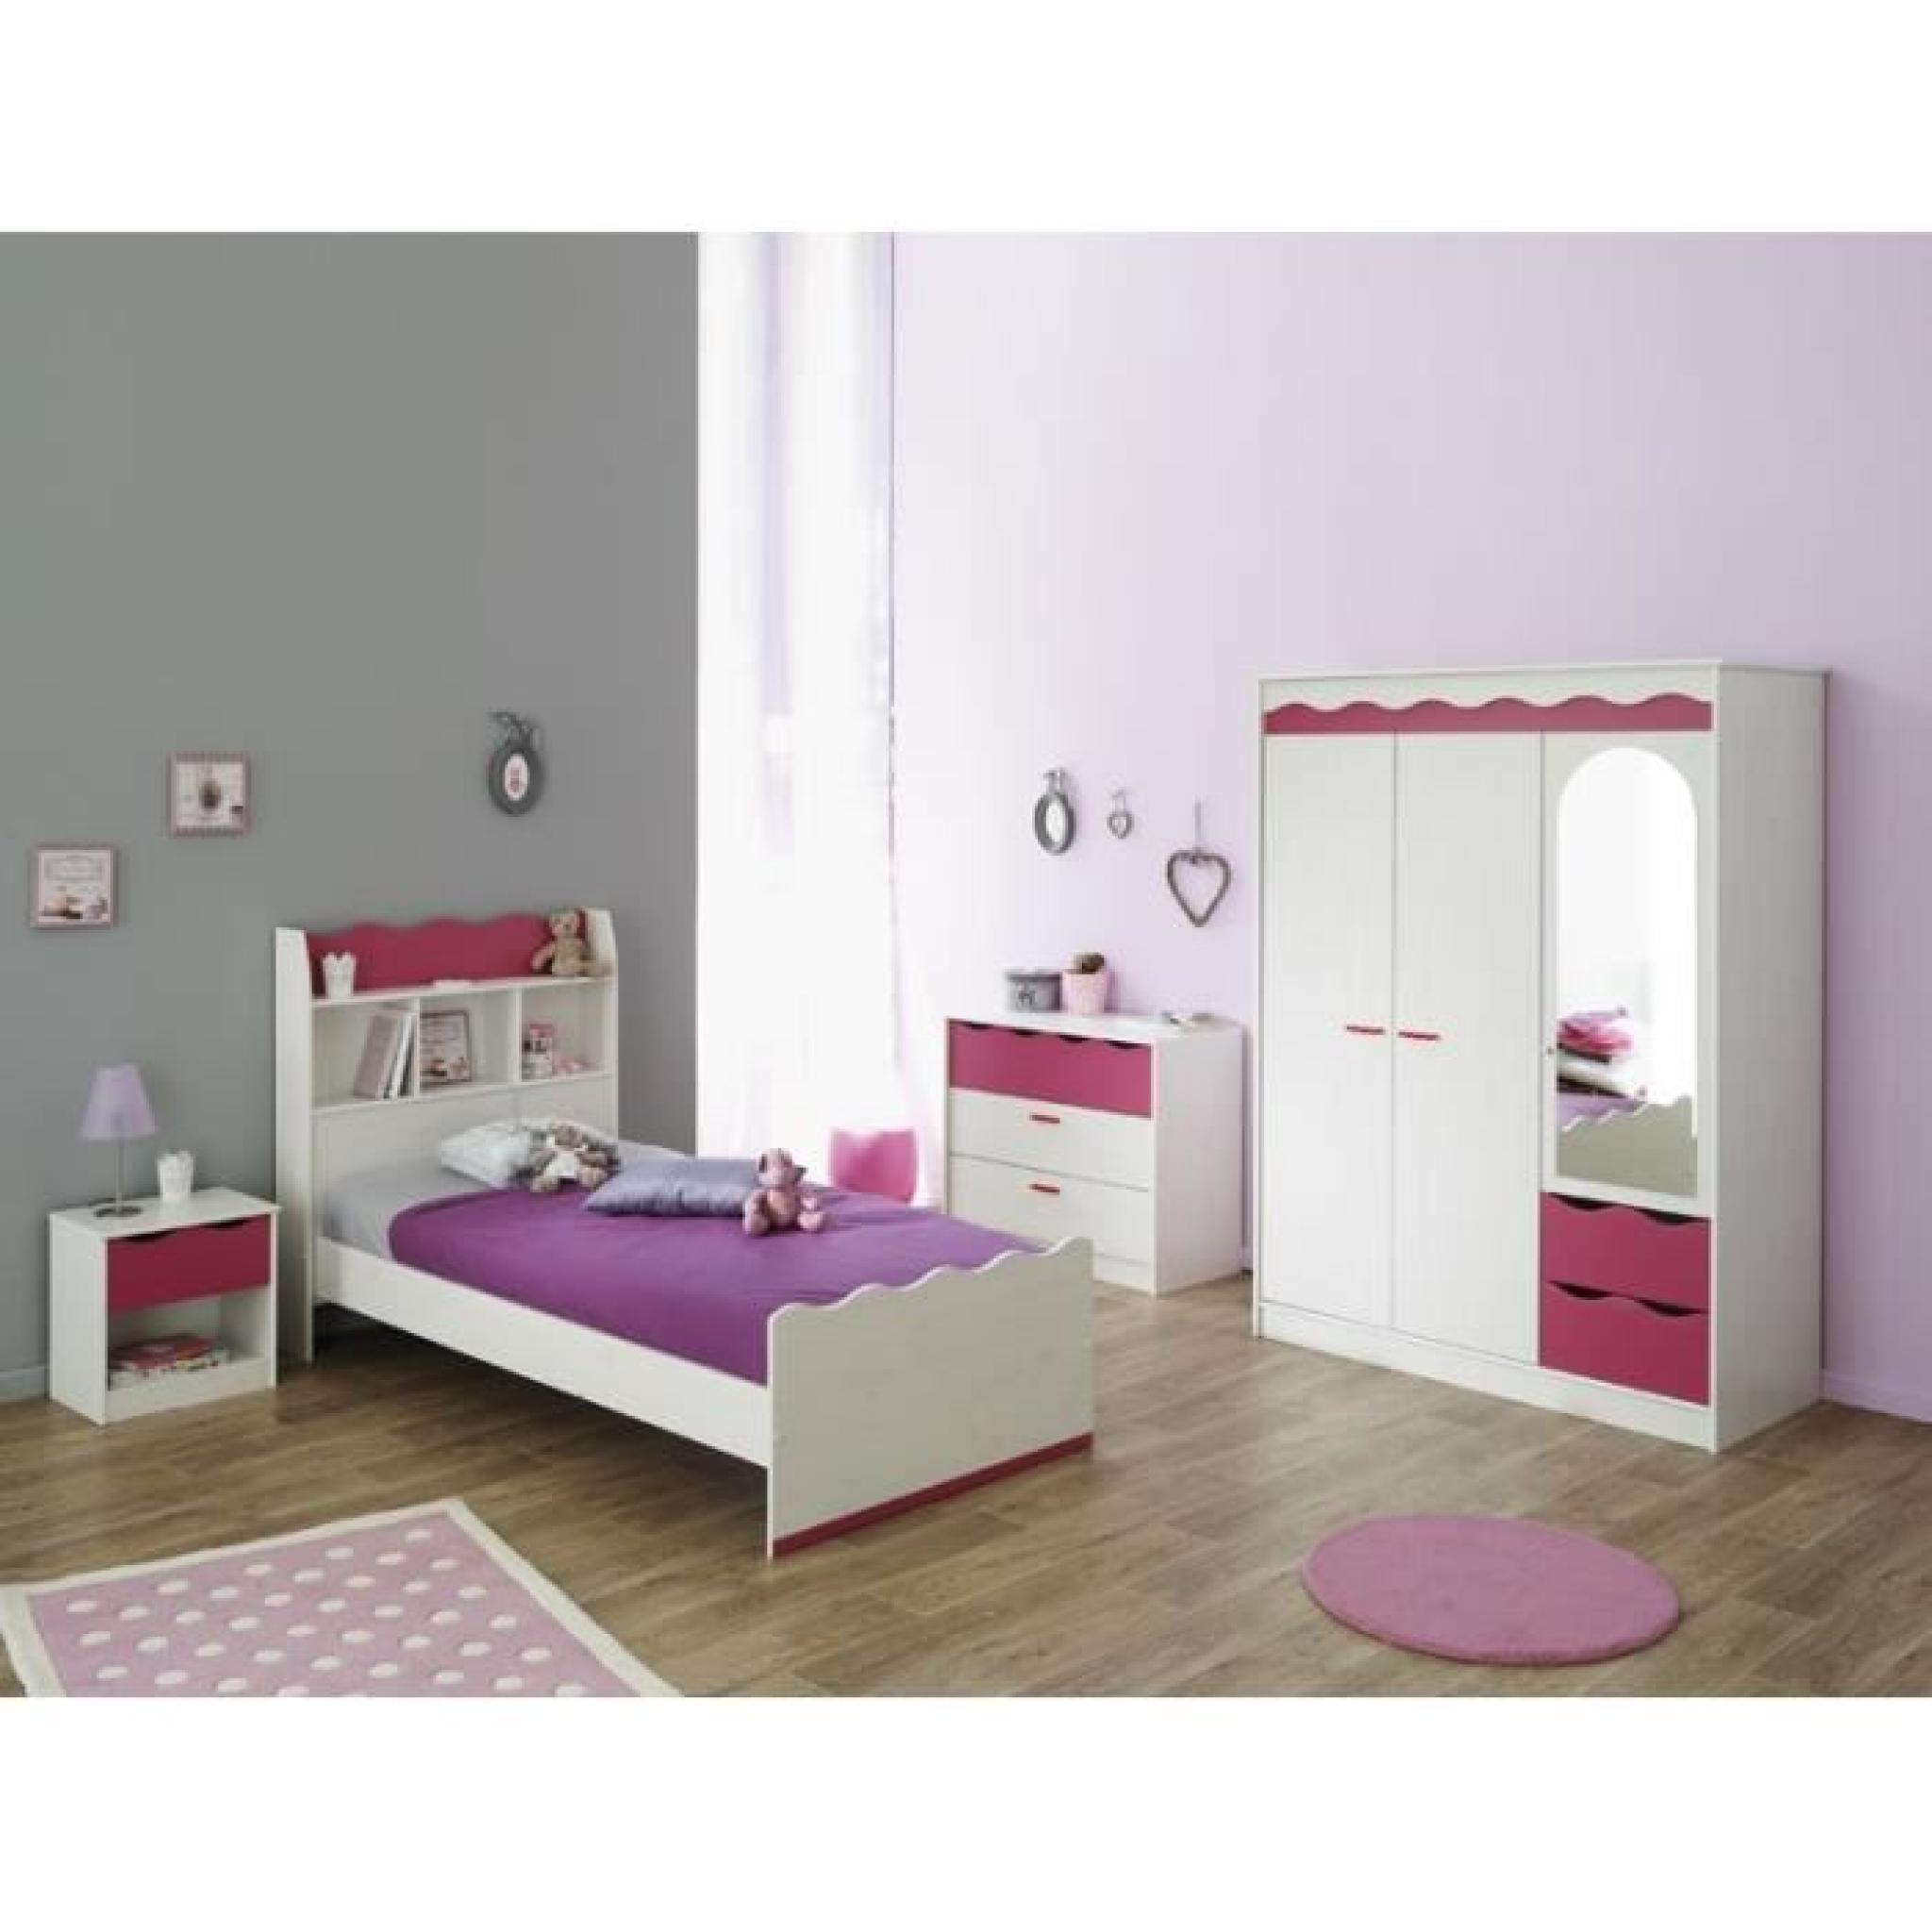 Chambre Enfant Pas Cher.Lilou Chambre Enfant Decor Pin Et Rose